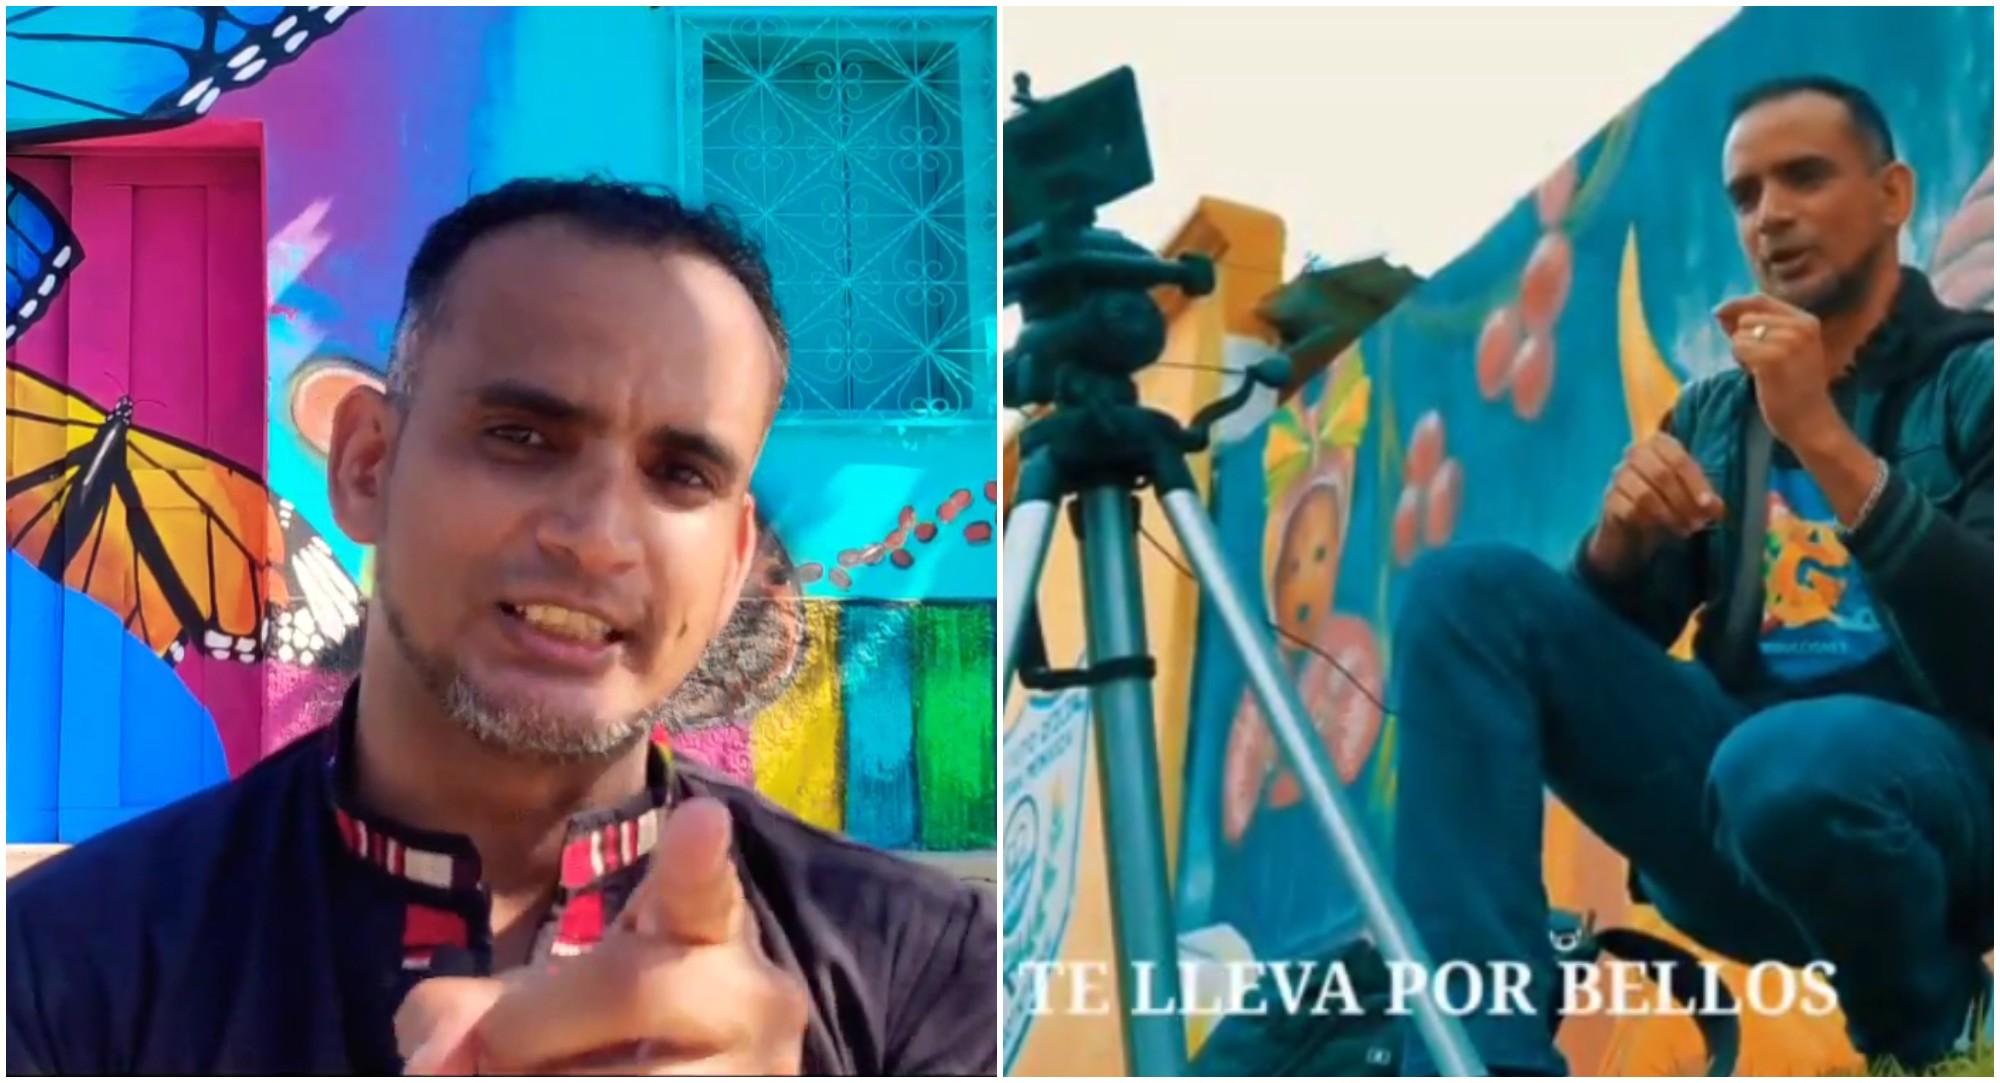 Hondureño crea canal de YouTube para promover Honduras